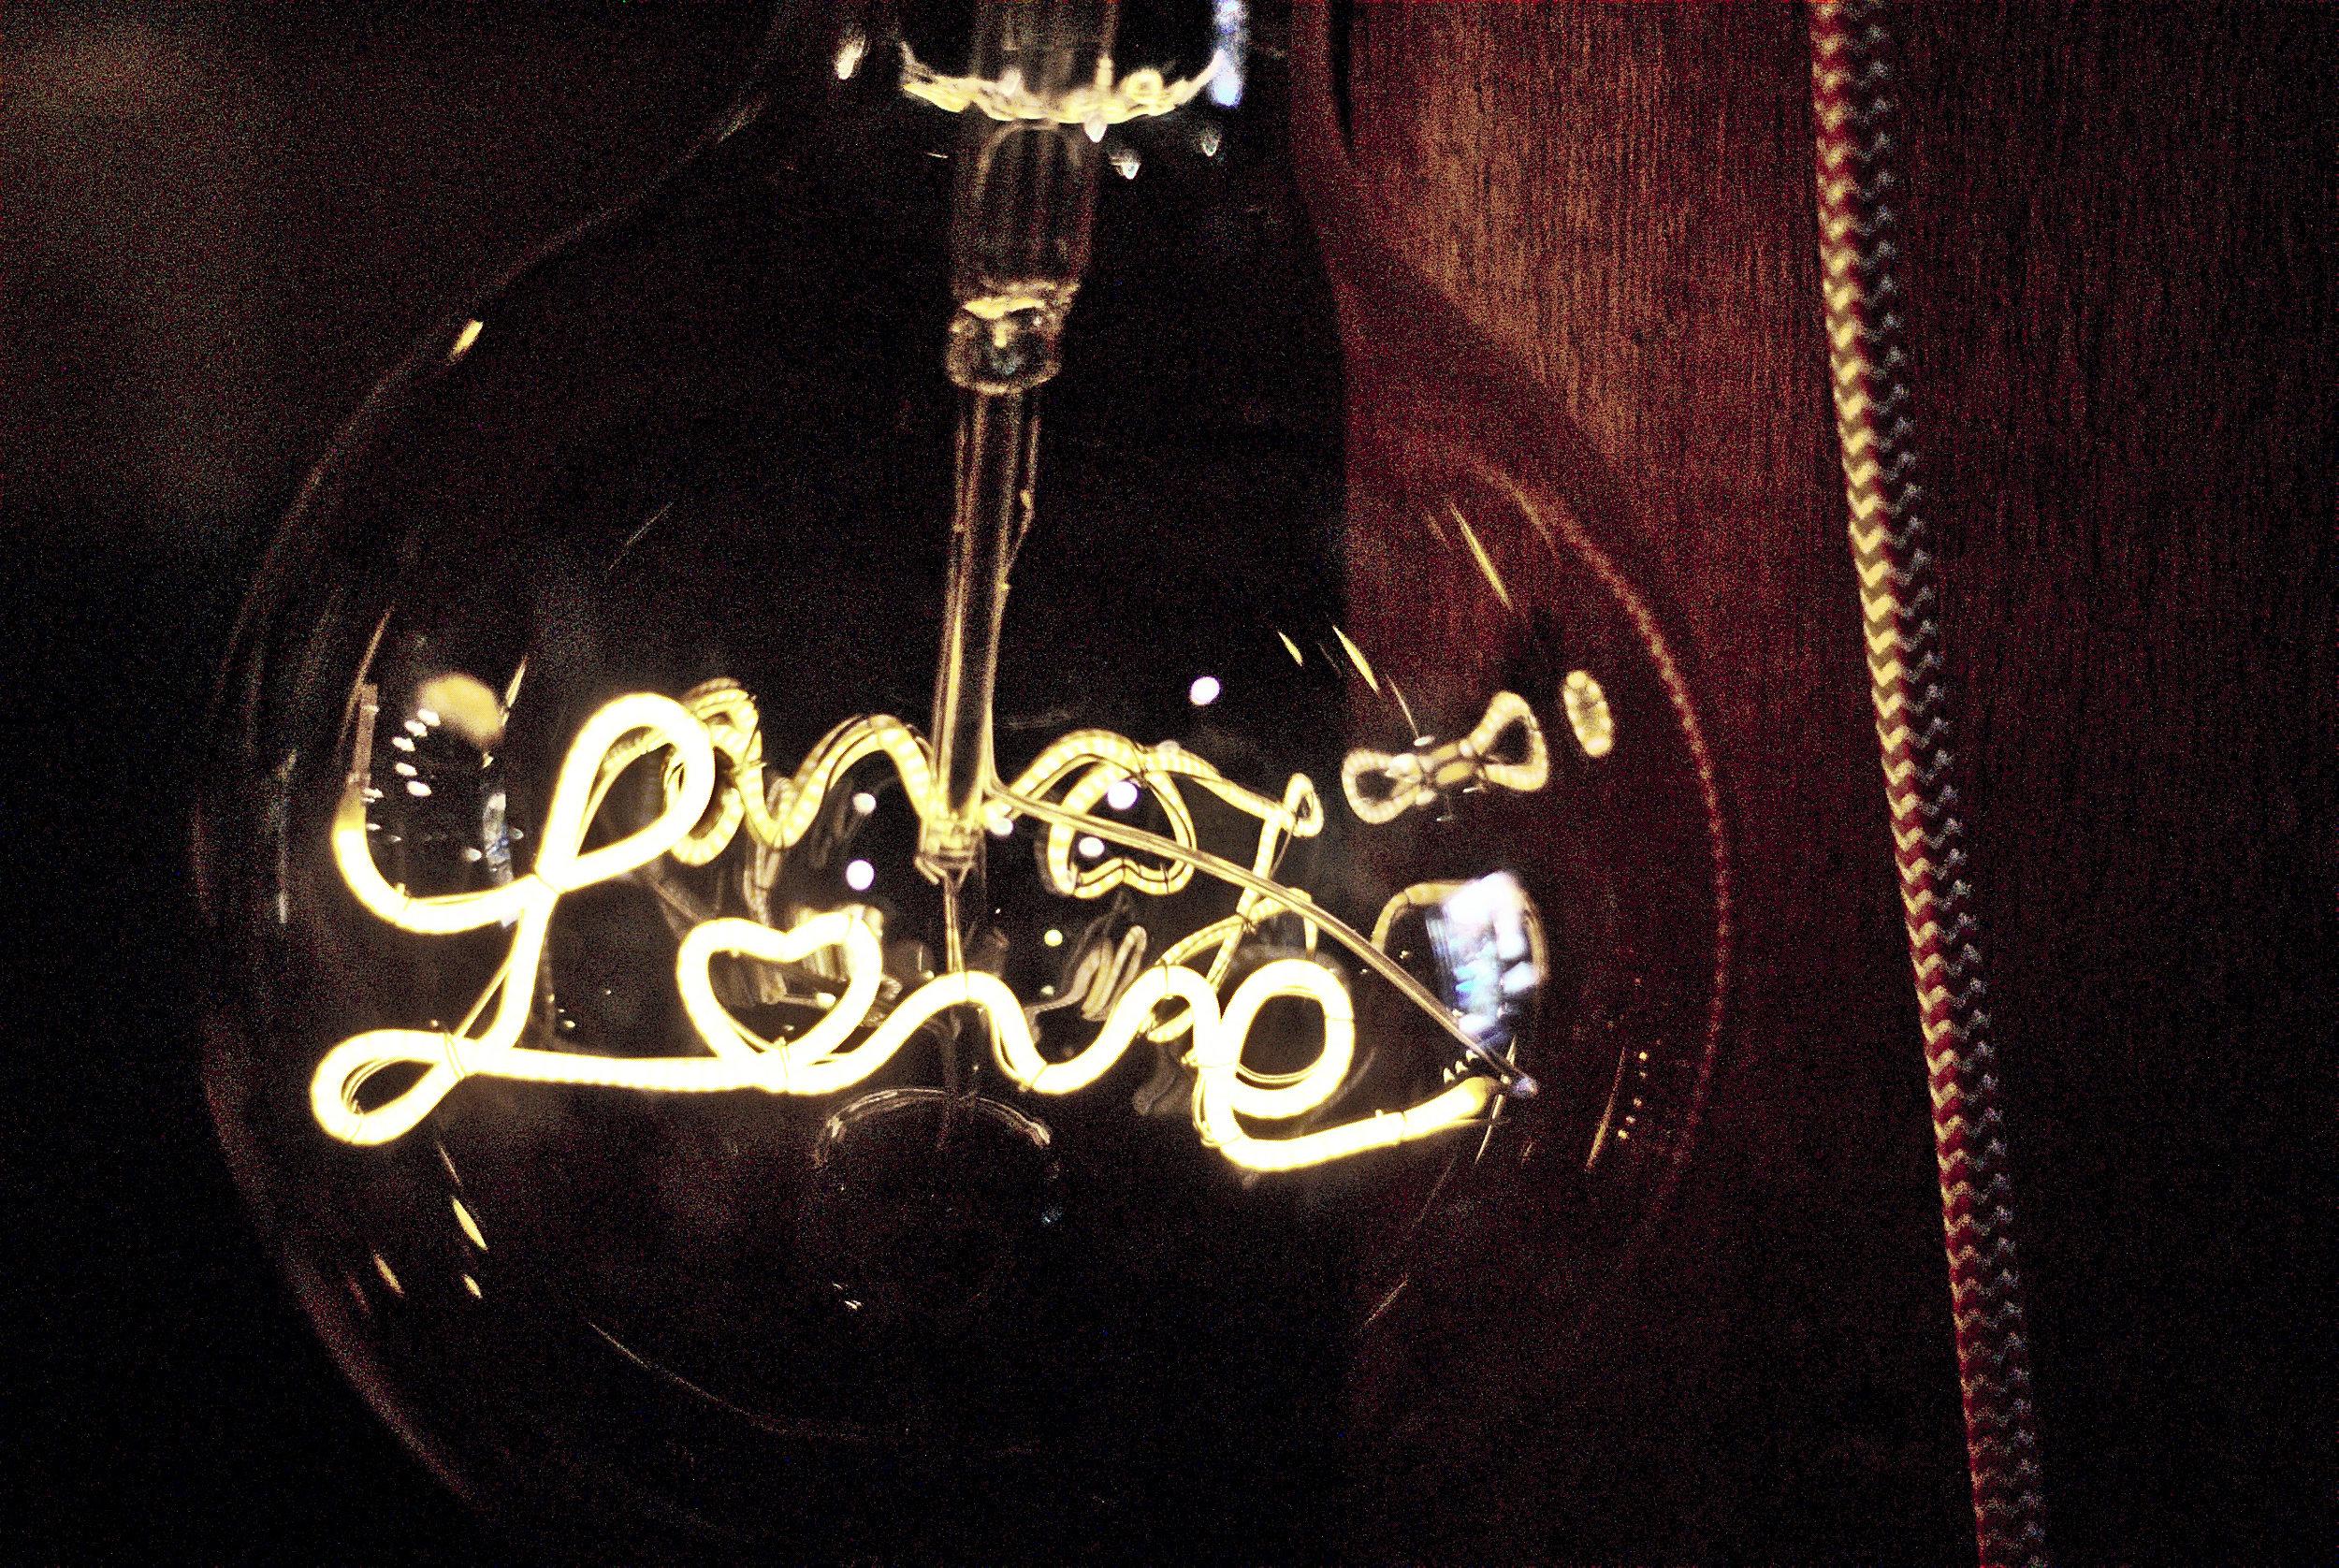 ONE40 love.jpg